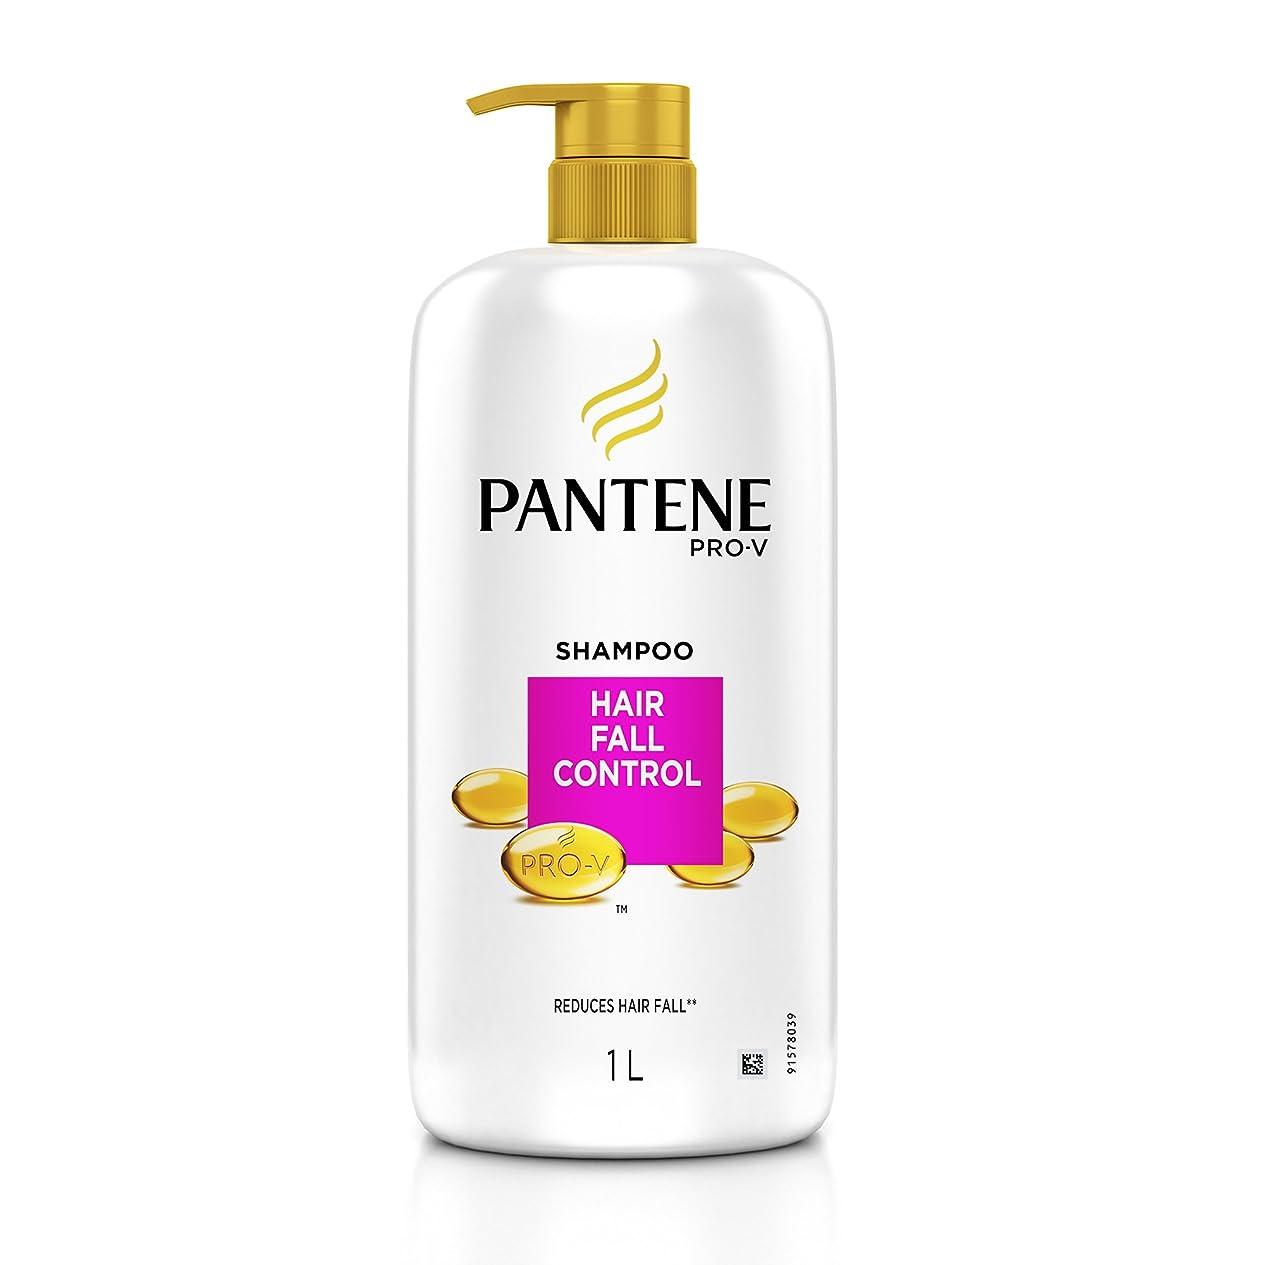 ラウンジ嬉しいです愛するPANTENE Hair Fall control SHAMPOO 1 Ltr. (PANTENEヘアフォールコントロールSHAMPOO 1 Ltr。)